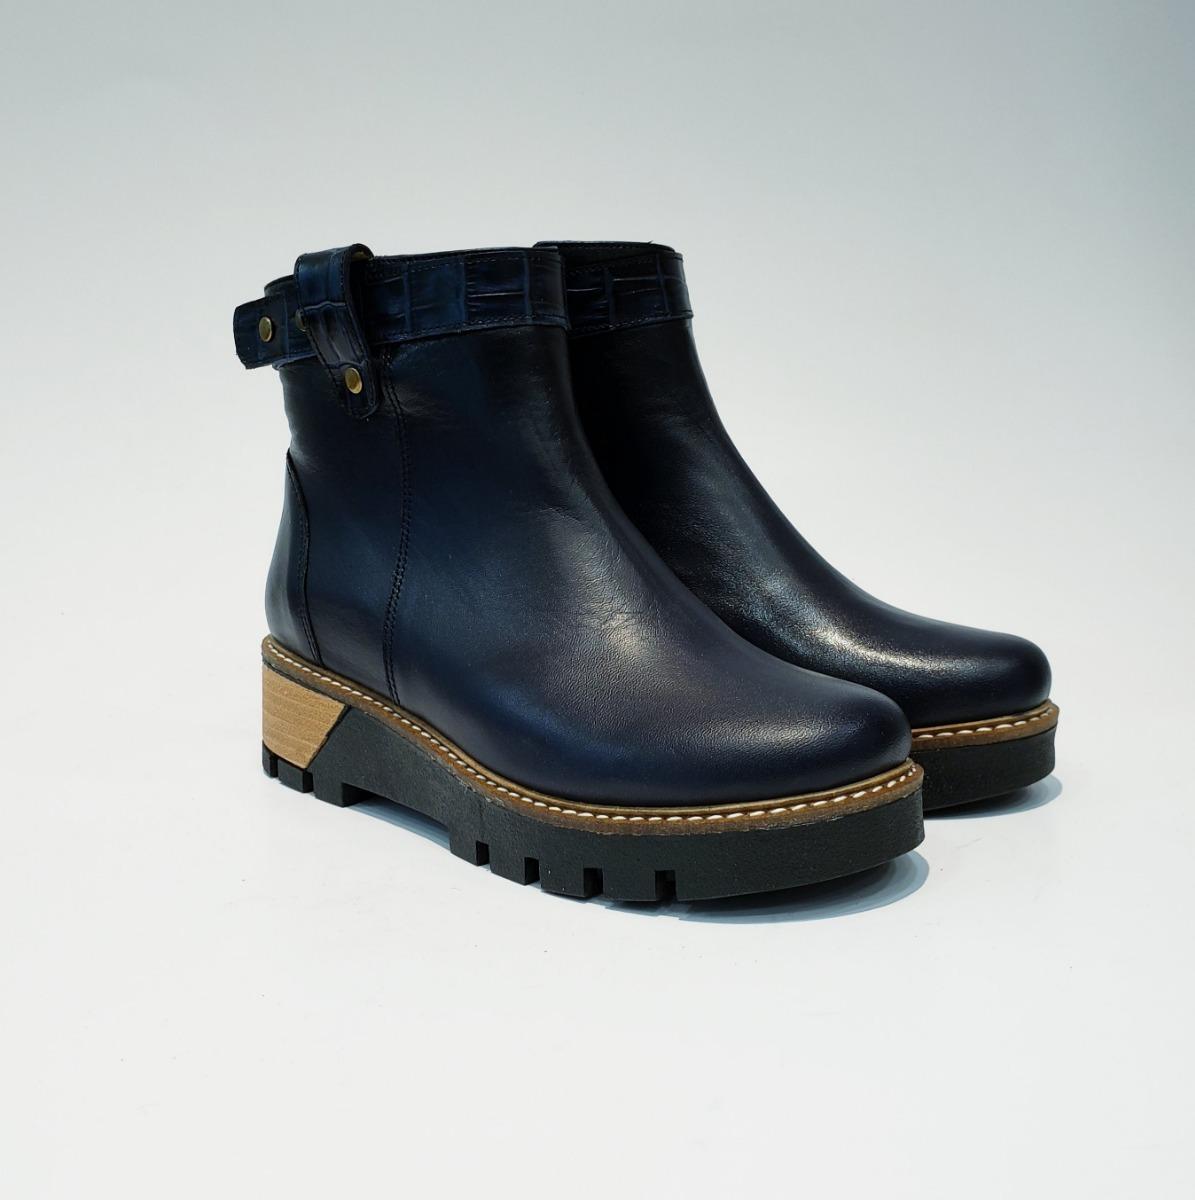 097f1d51ee3 botas botinetas bajas cuero invierno mujer urbana art 207. Cargando zoom.